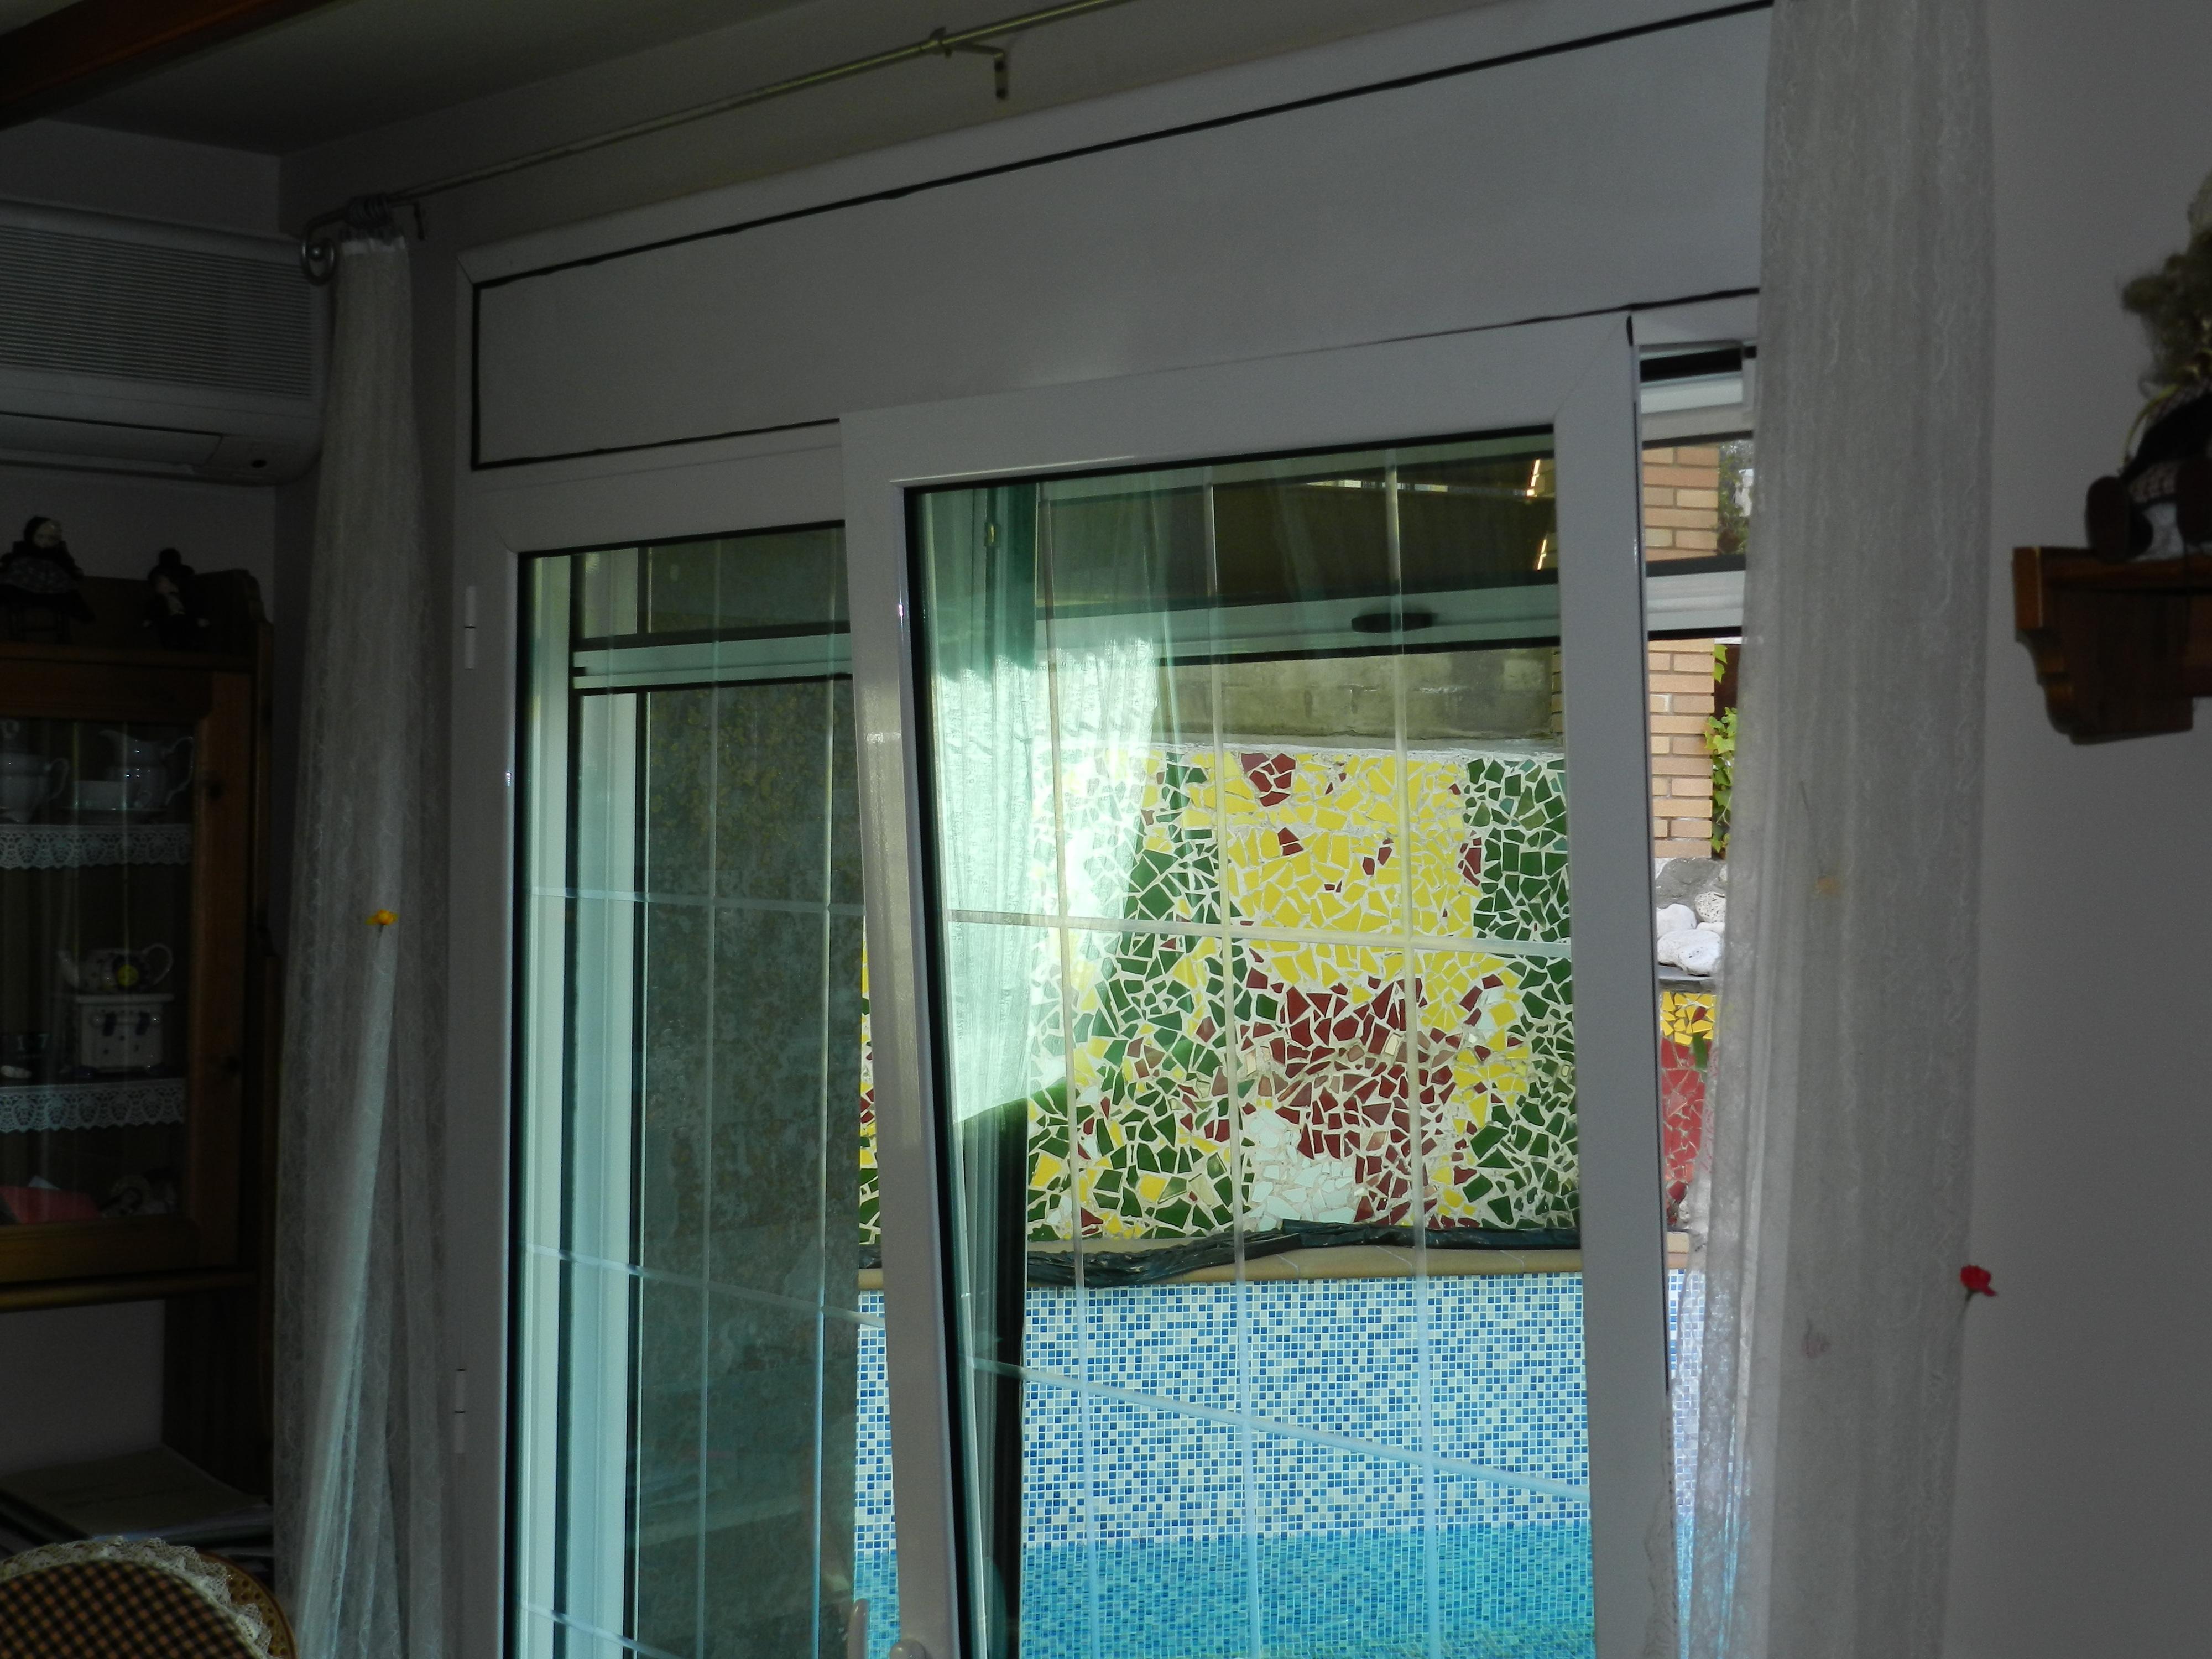 Puertas aluminio exterior jardin stunning las puertas de jardn pueden abrirse manualmente o - Puertas de jardin de aluminio ...